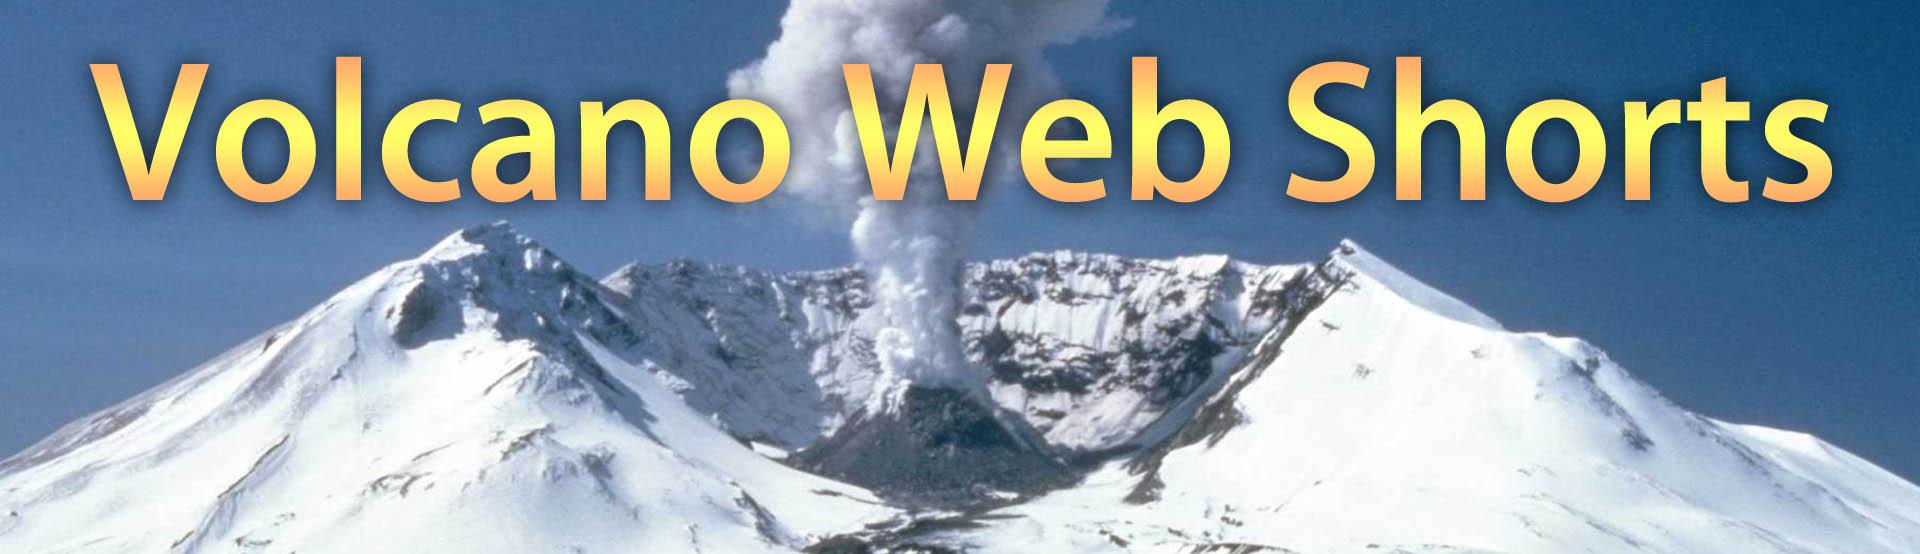 Volcano Web Shorts